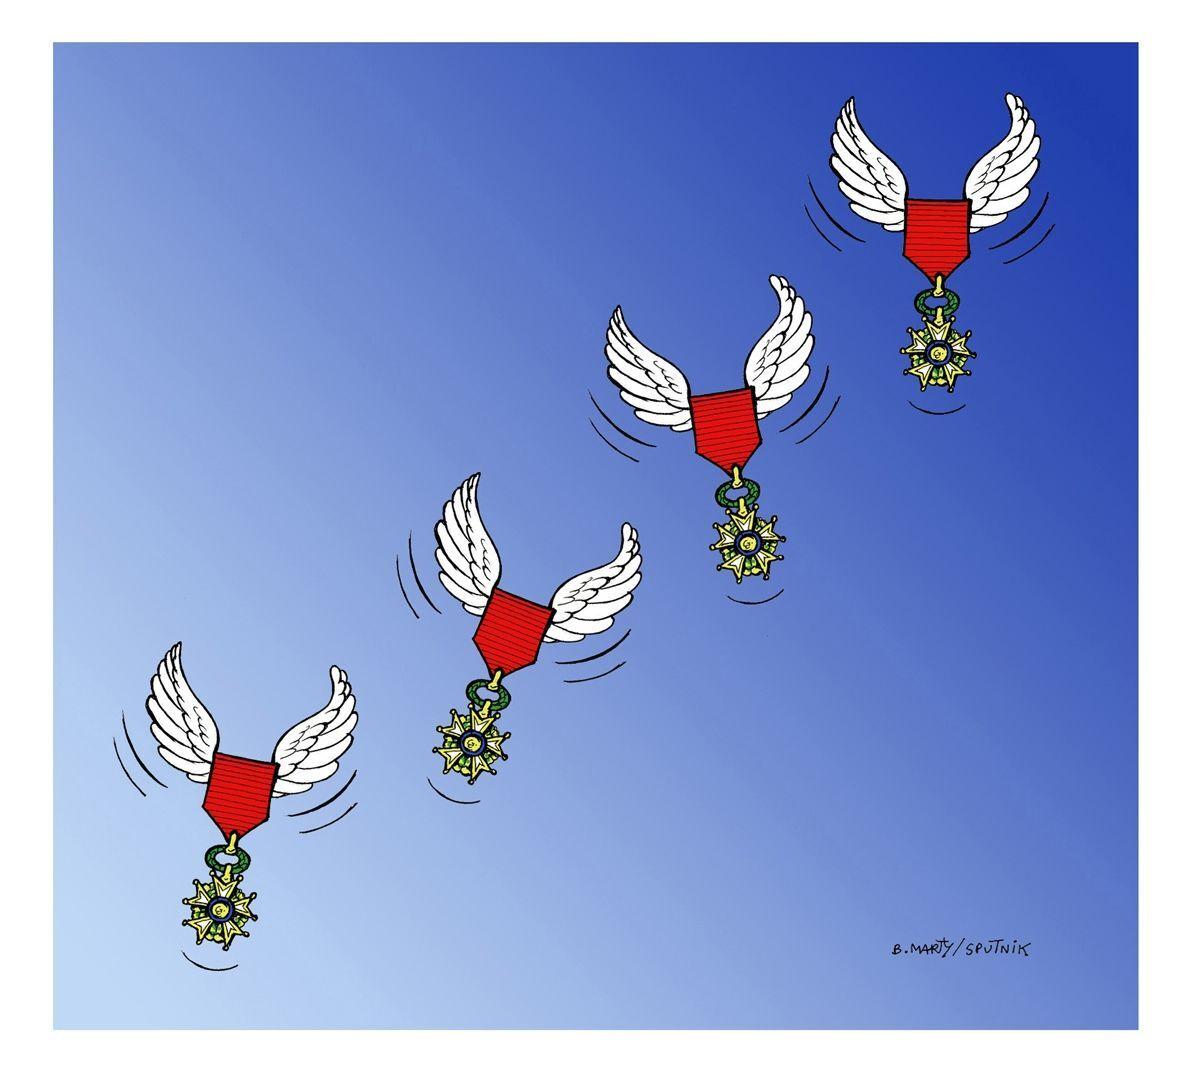 Attentat Préfecture de Paris: les victimes décorées de la Légion d'honneur à titre posthume